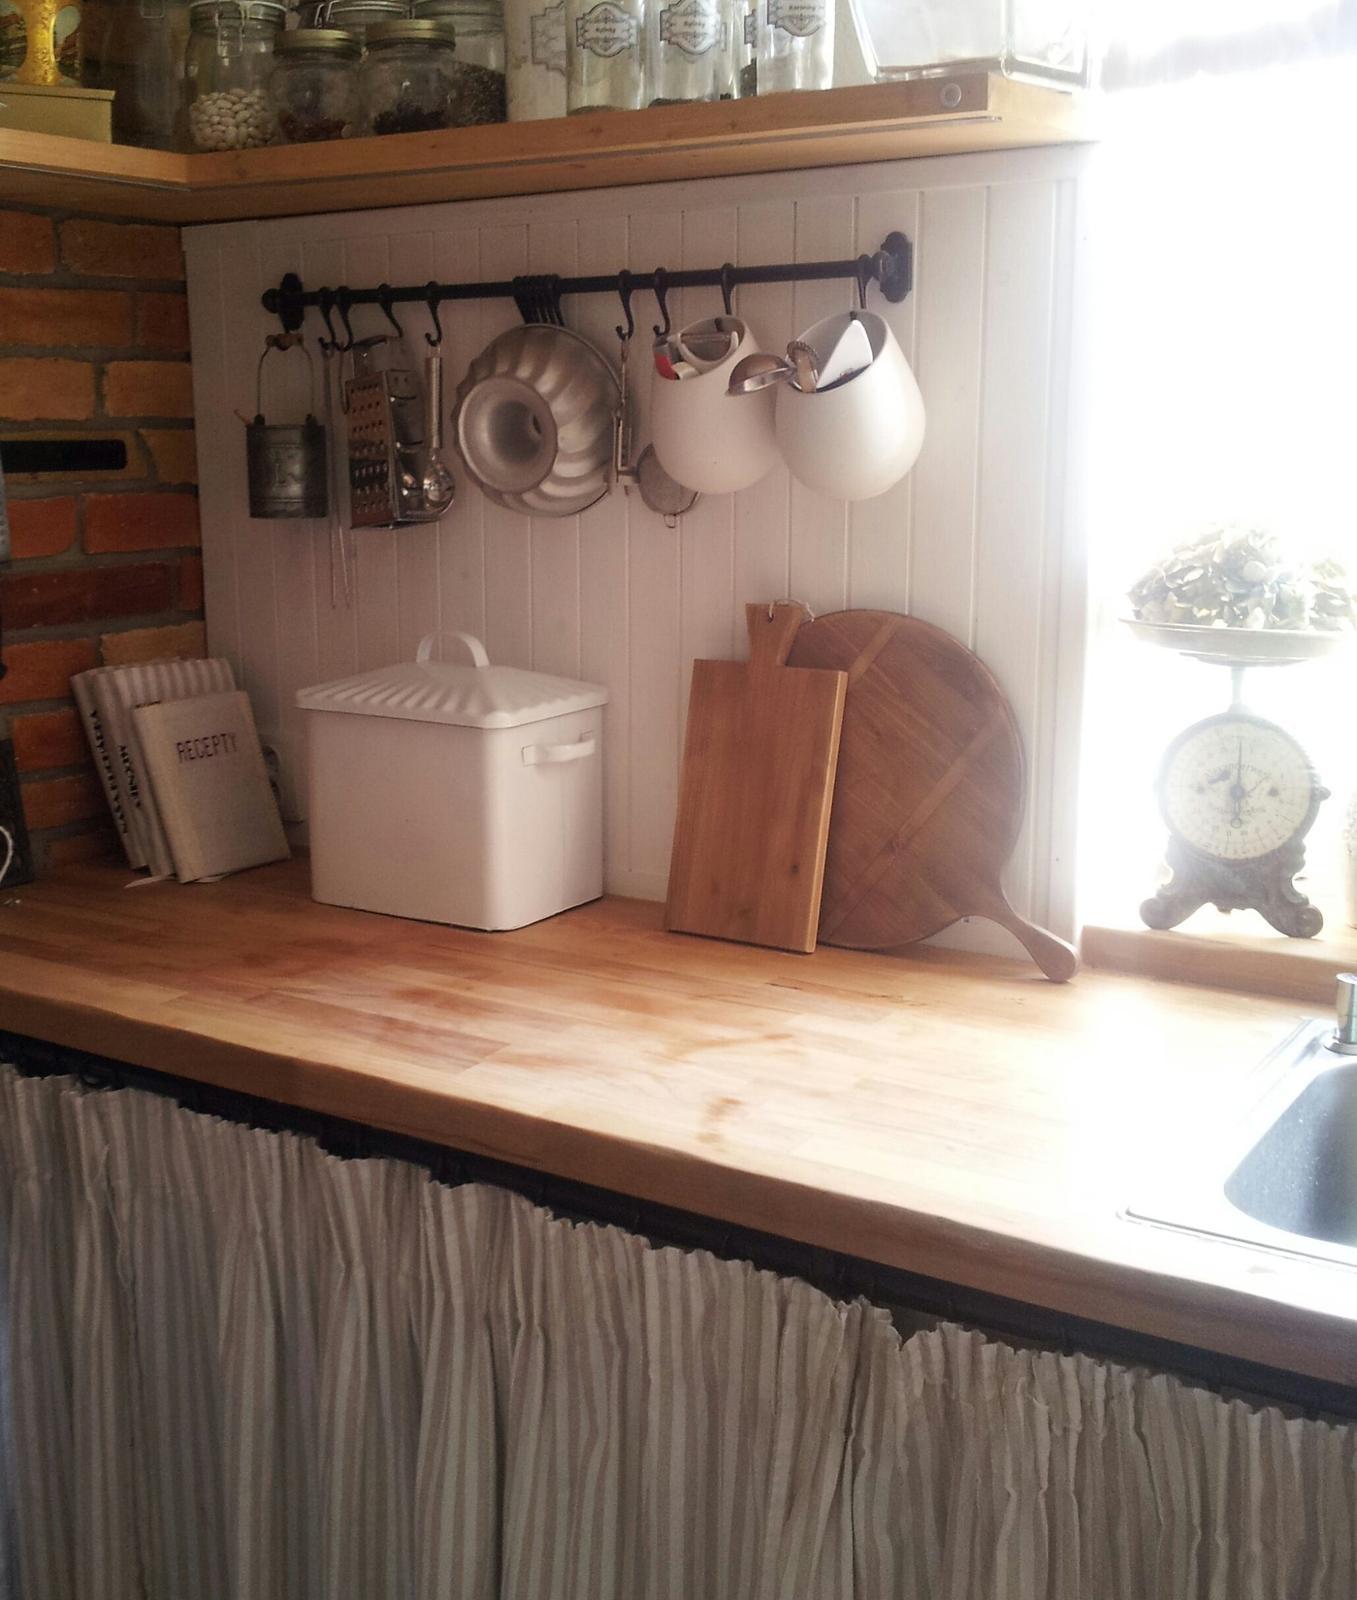 ..kuchyňa podľa mojich predstáv... - ...budú na čestnom a dobre viditeľnom mieste :-)